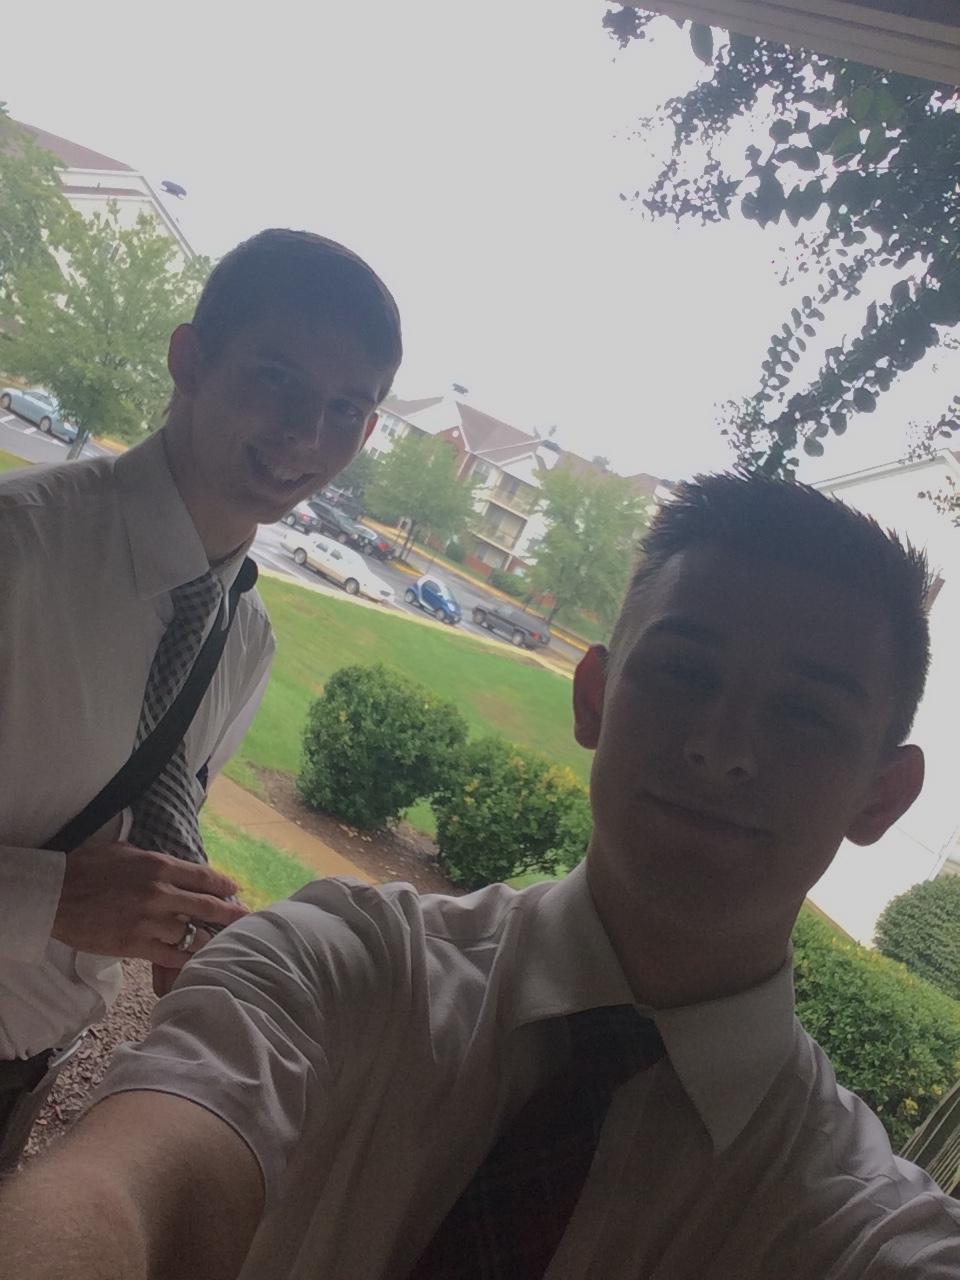 Elder Rhinehart & Elder Larson